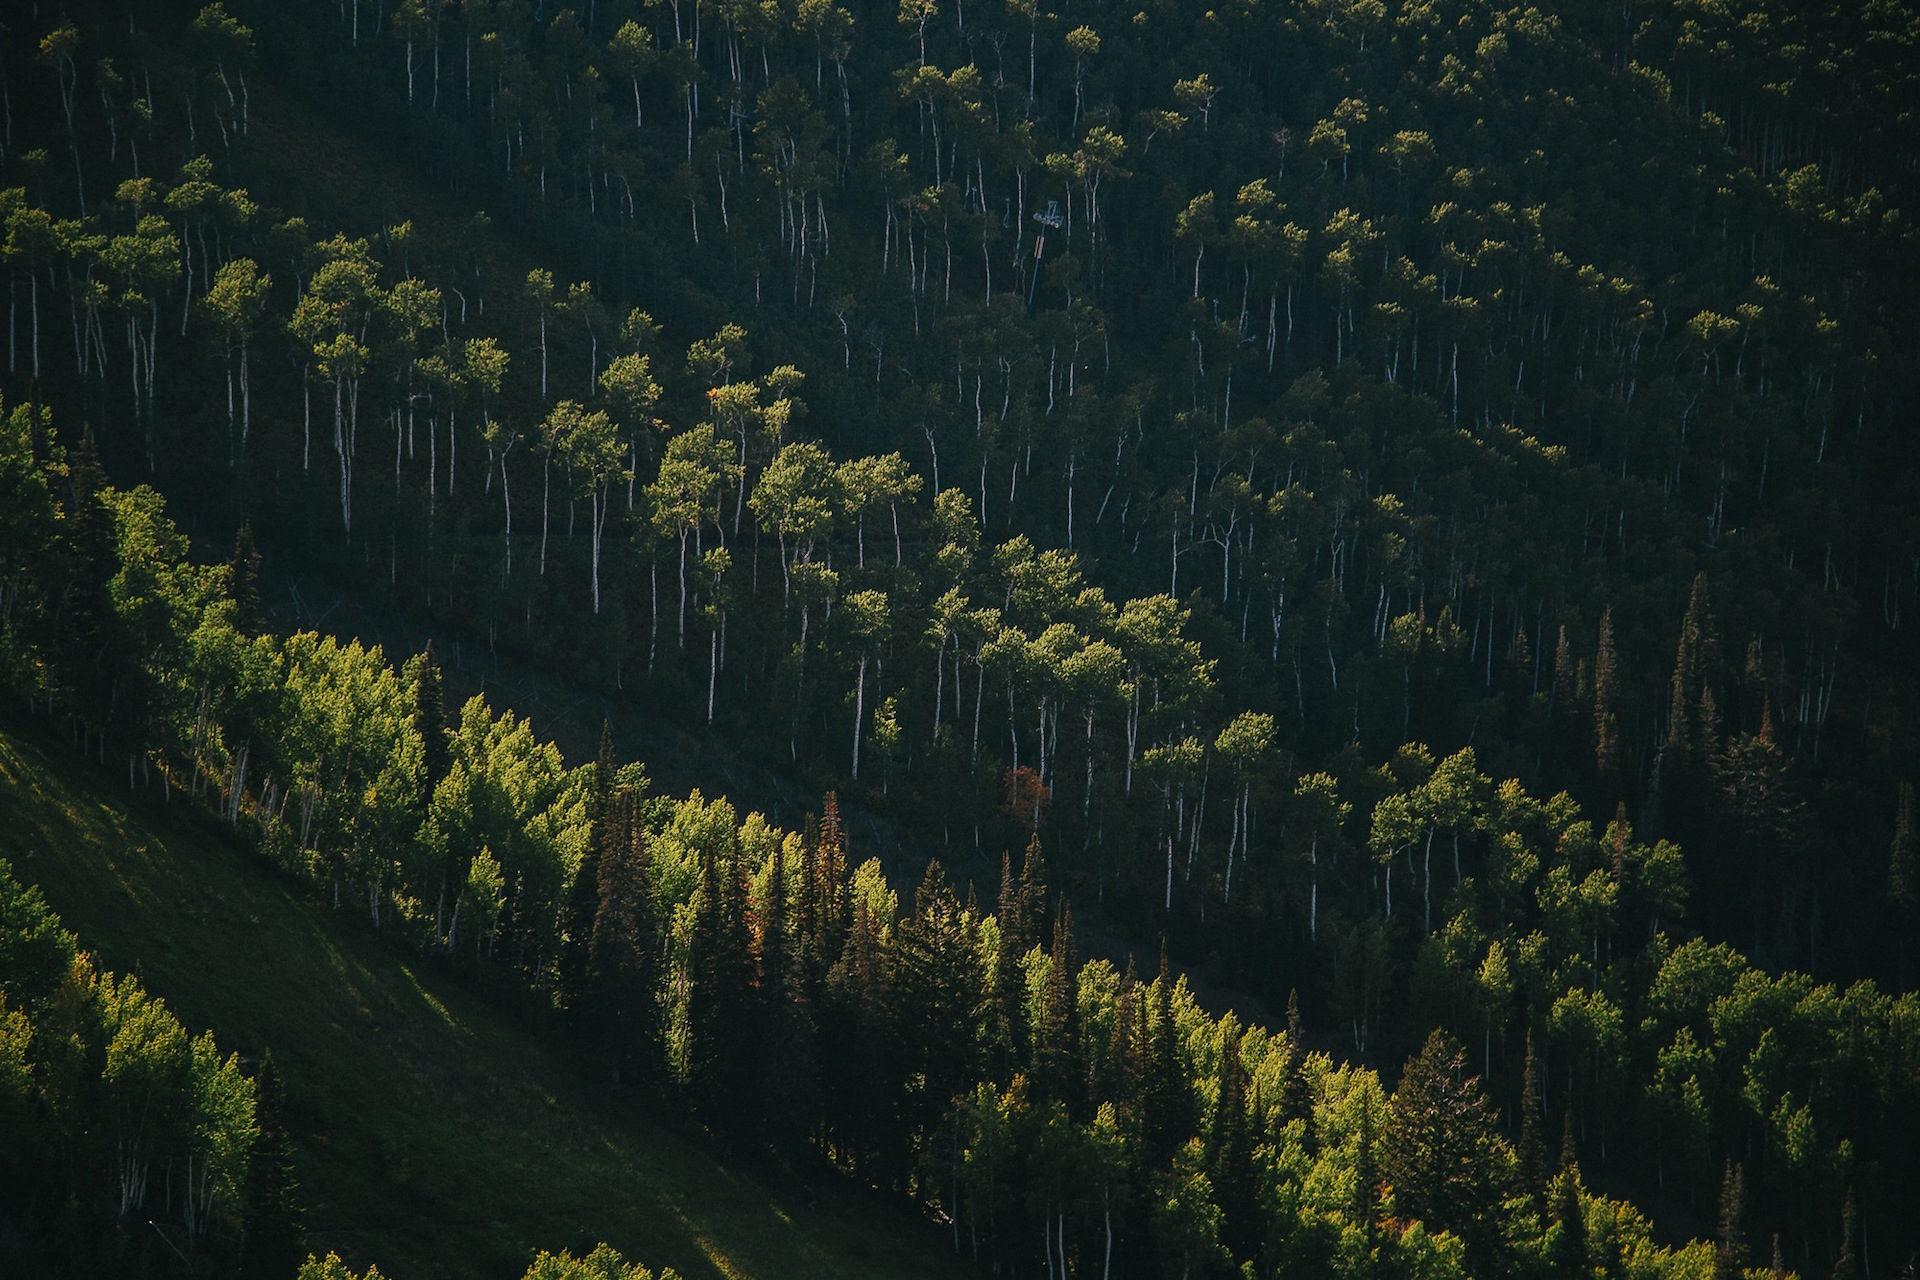 森林, 树木, 杂草, ecosistema, 绿色 - 高清壁纸 - 教授-falken.com